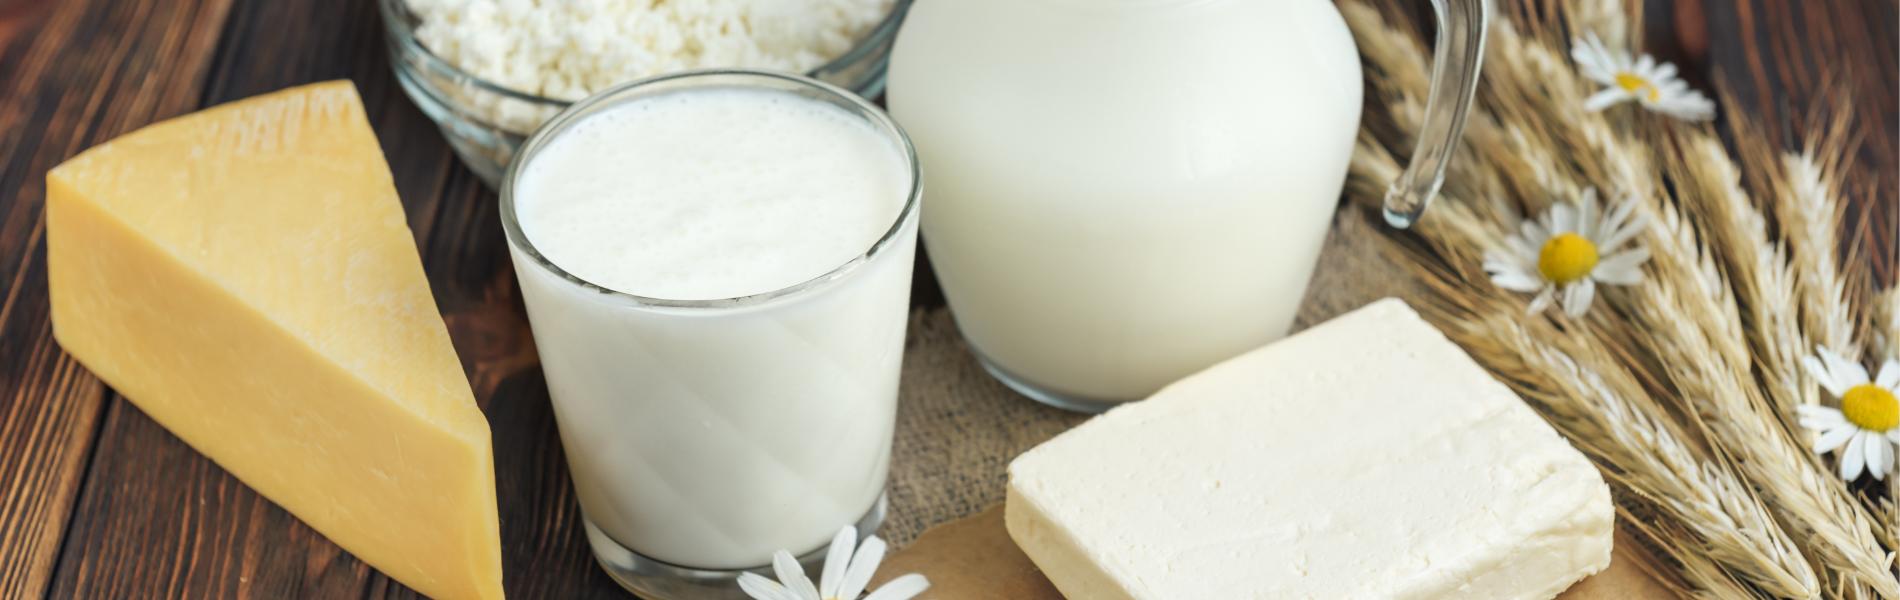 סקר onlife מגלה: כמה מוצרי חלב אנחנו צורכים ביום?